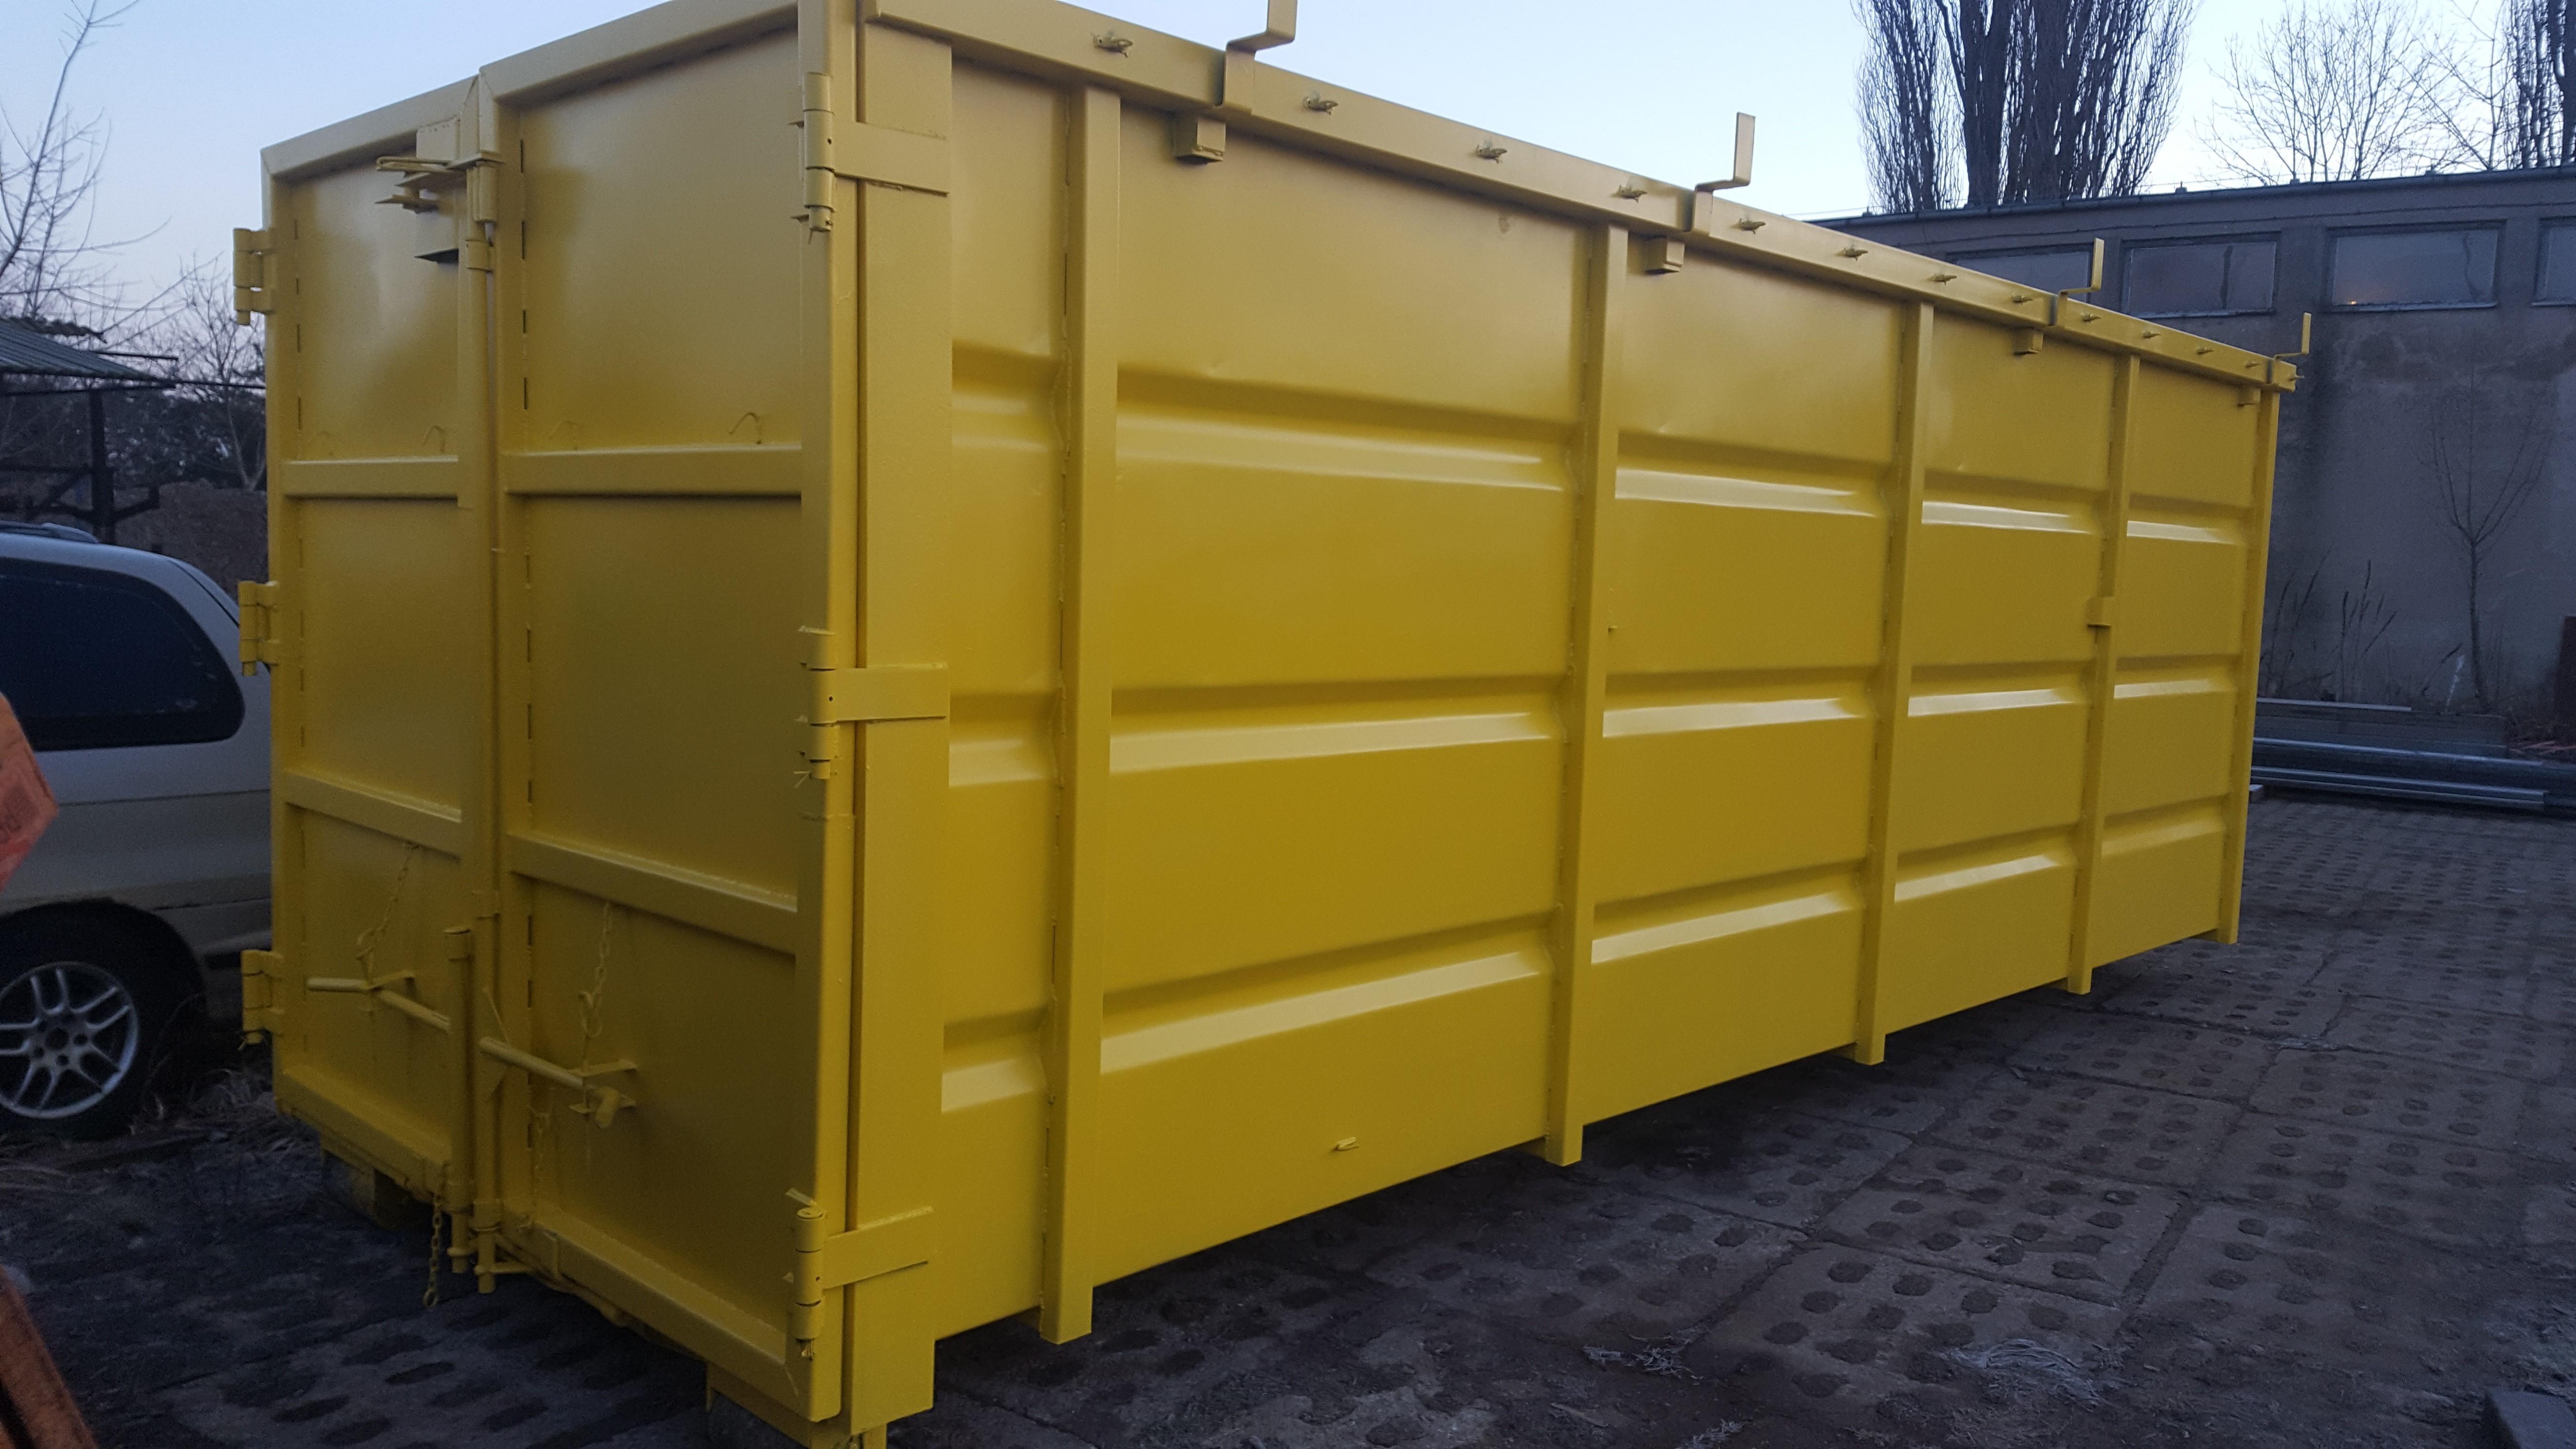 Mieszkańcy Tczewa mają do dyspozycji nowe kontenery na odzież i opony fot. ZSUO Tczew)